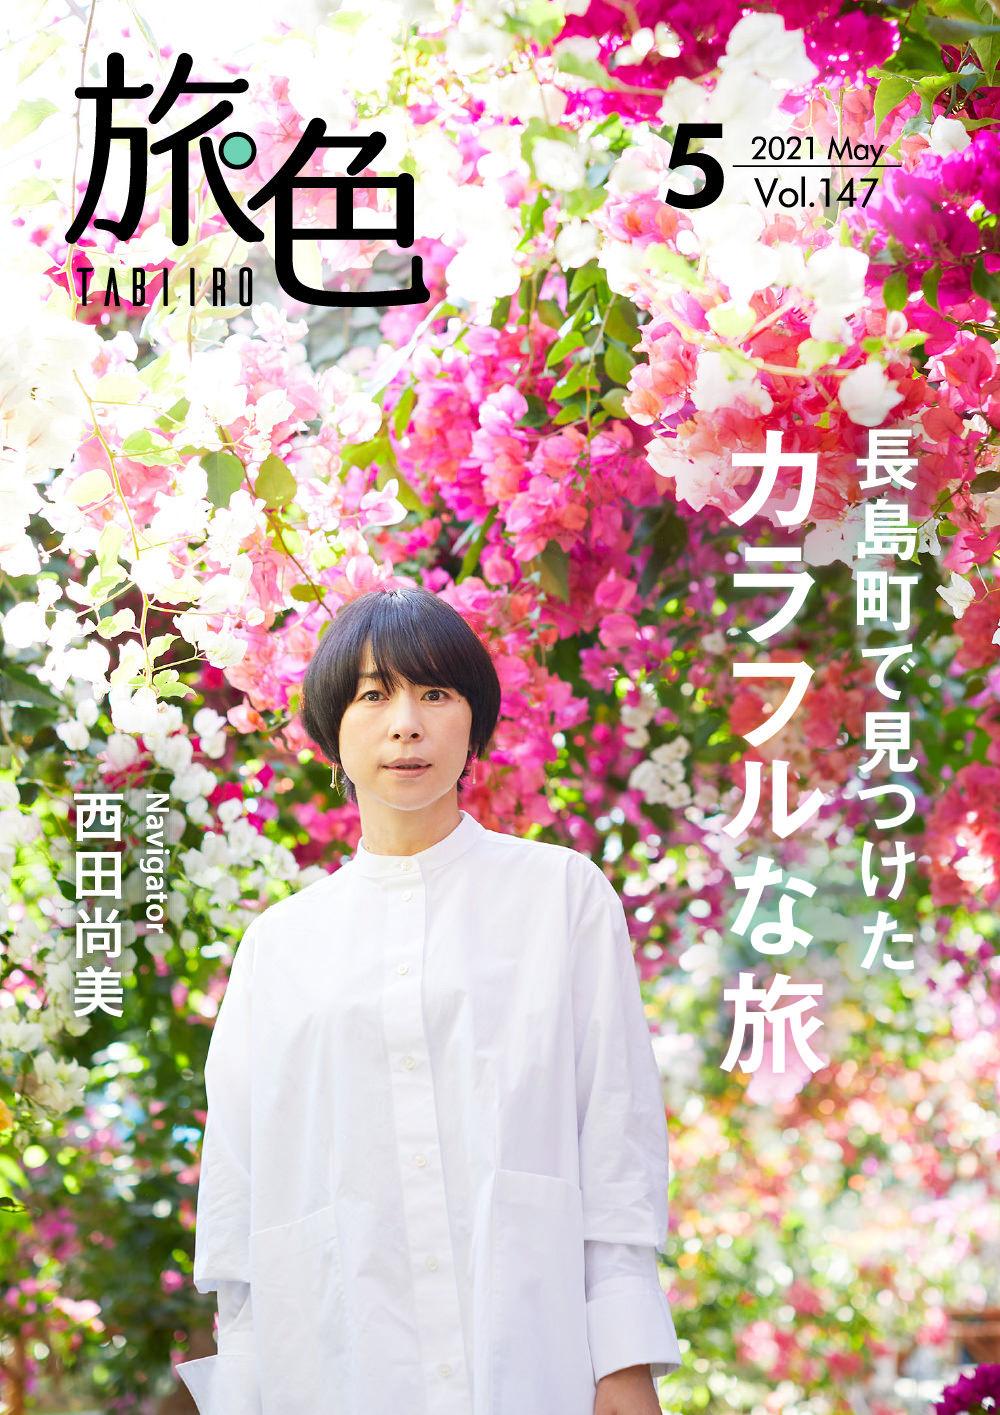 西田尚美さんがフォトジェニックな絶景と島グルメを満喫! 「旅色」2021年5月号&動画公開